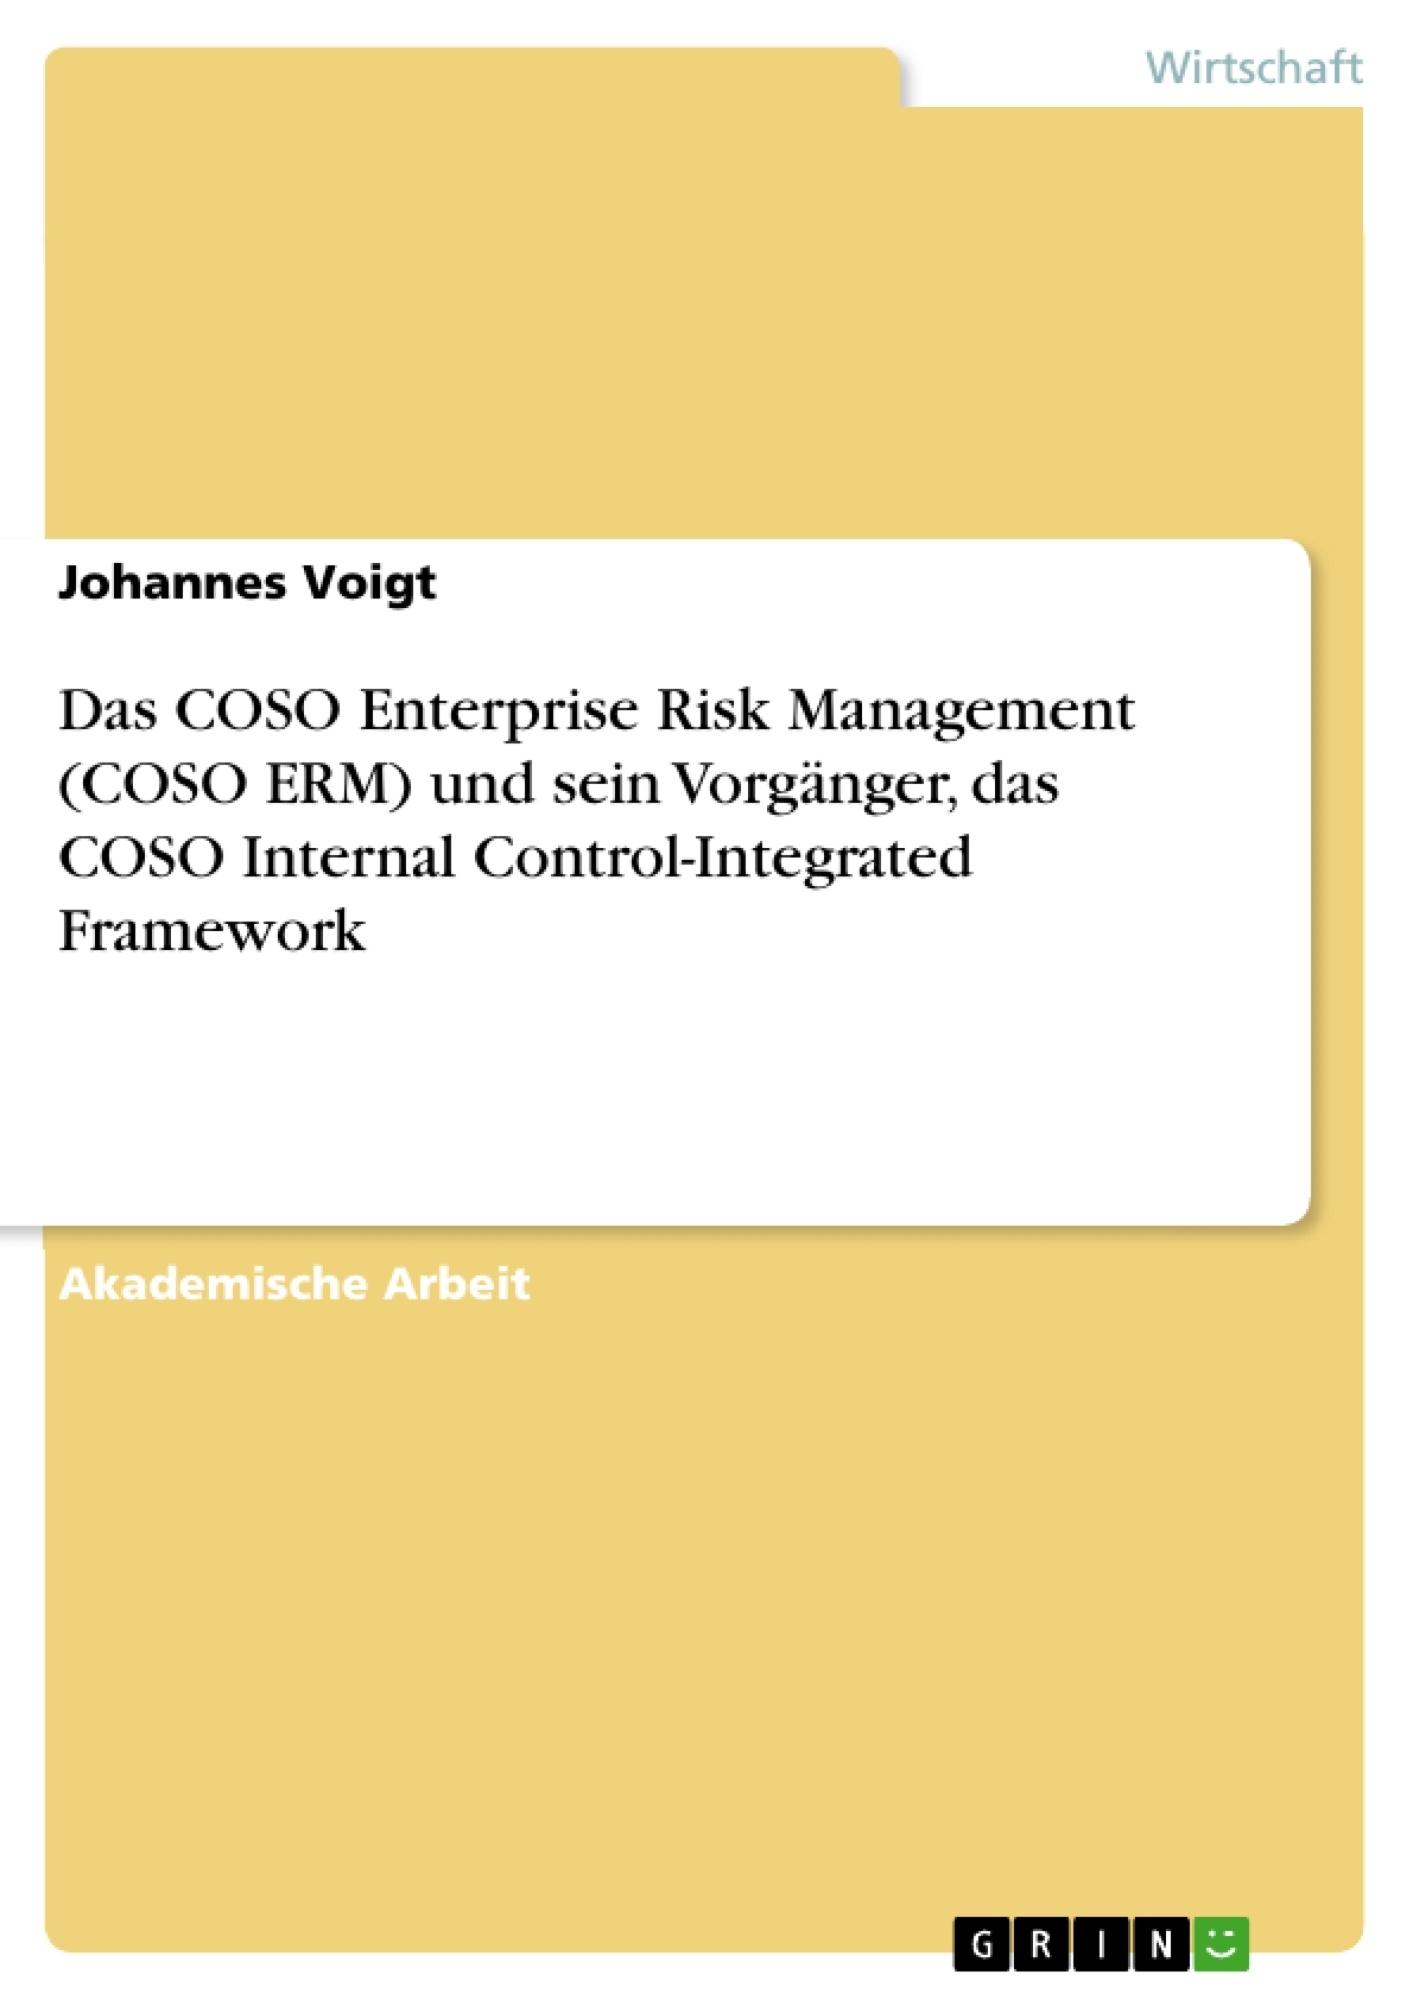 Titel: Das COSO Enterprise Risk Management (COSO ERM) und sein Vorgänger, das COSO Internal Control-Integrated Framework